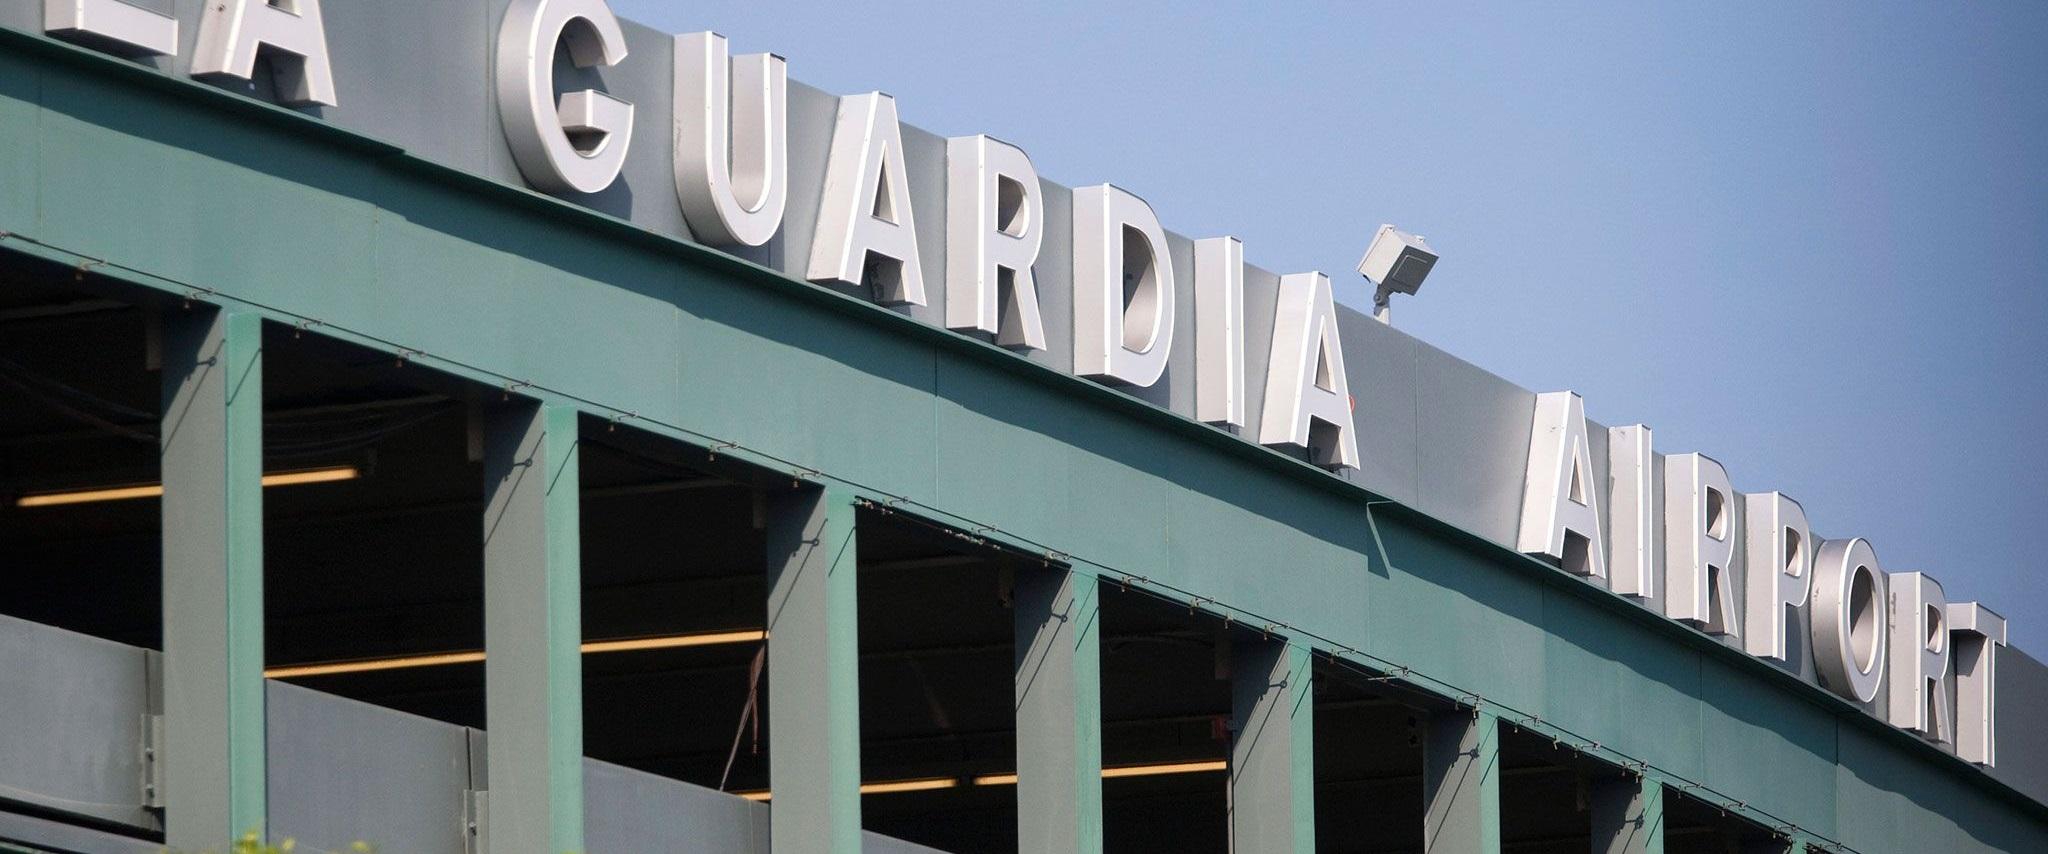 La Guardia Airport.jpg